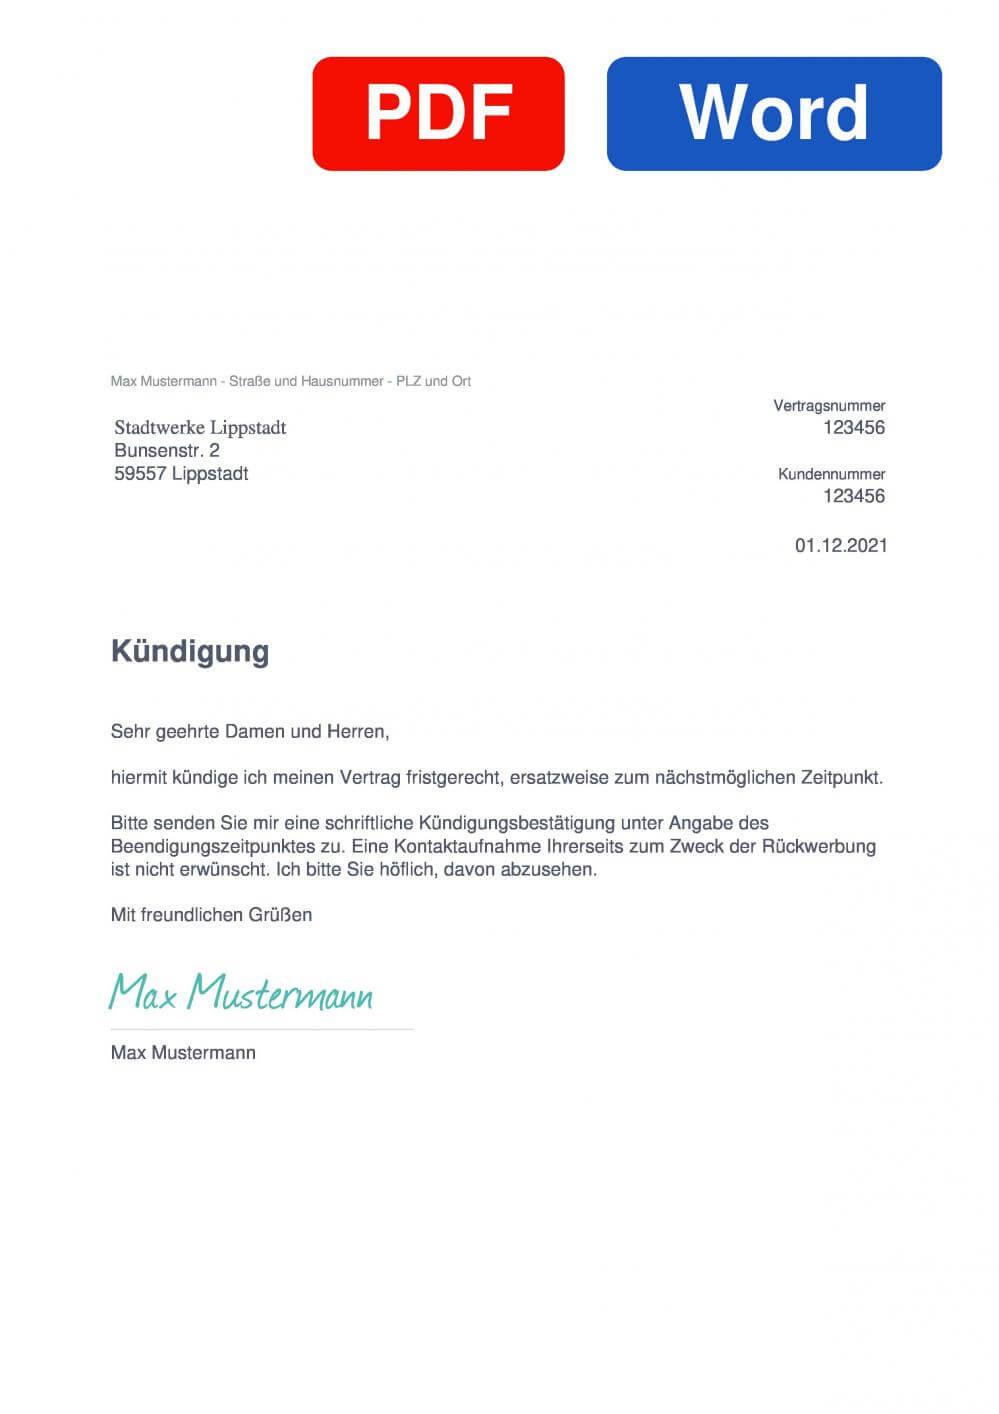 Stadtwerke Lippstadt Muster Vorlage für Kündigungsschreiben